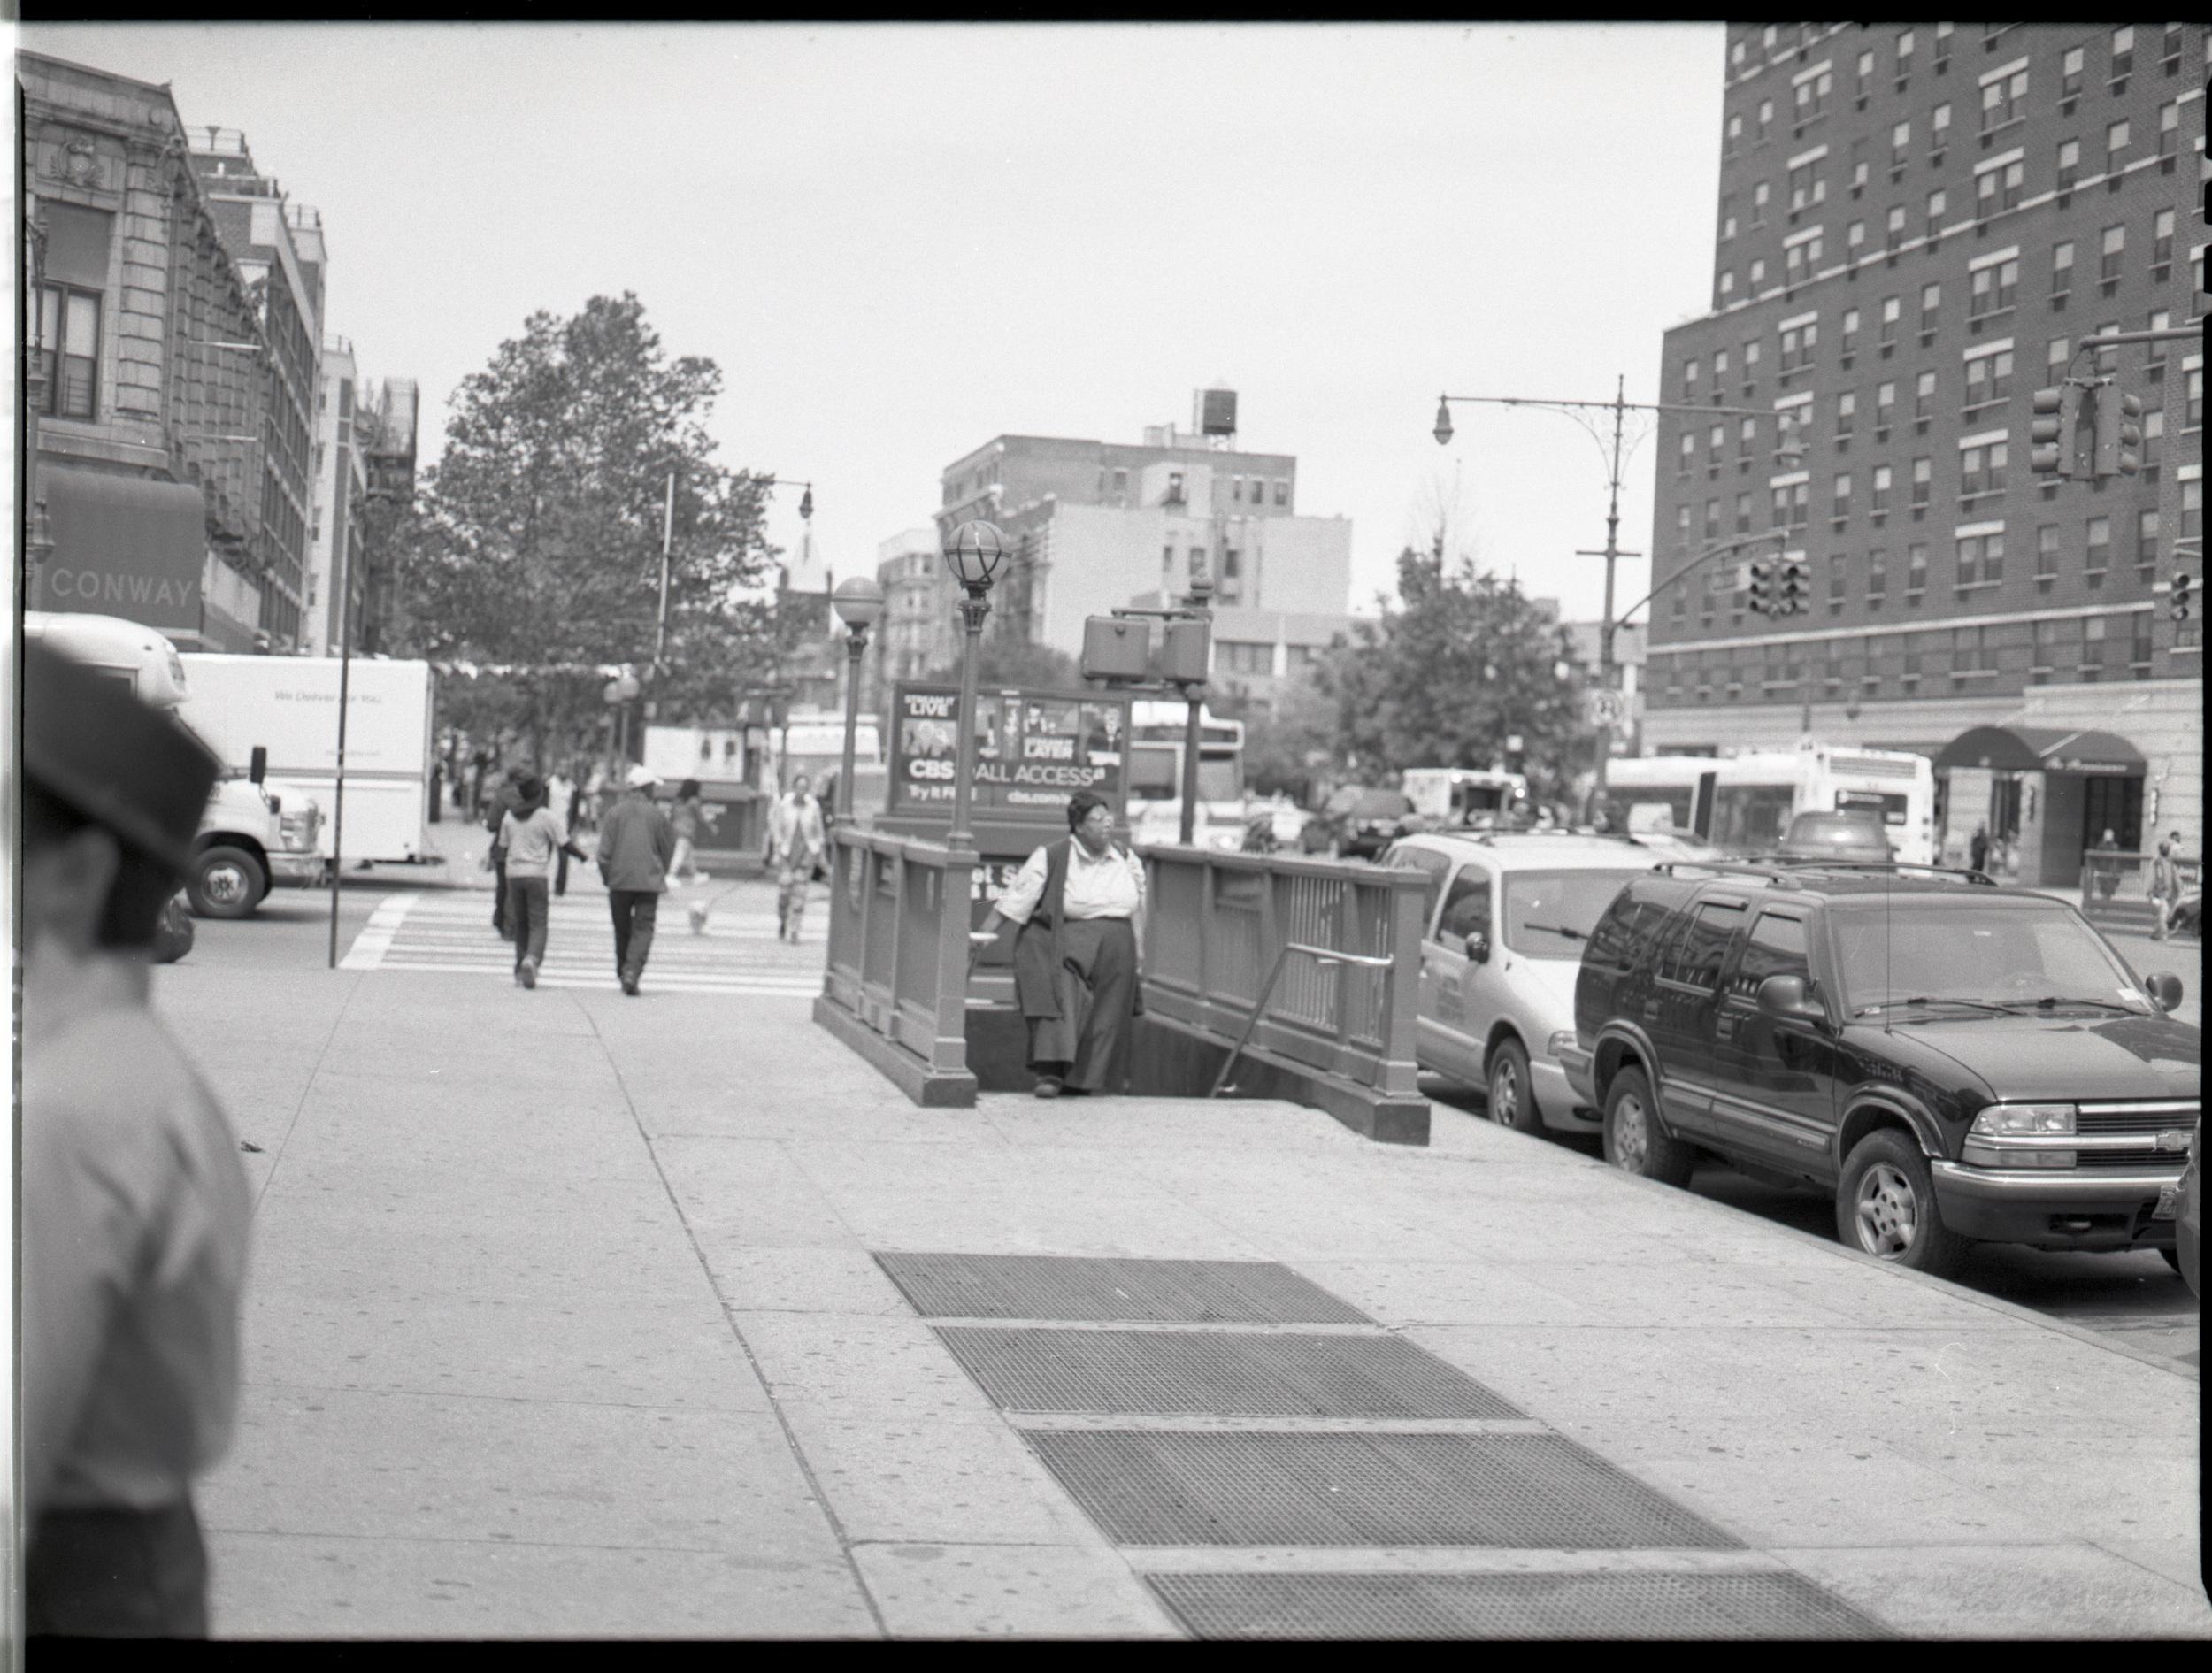 A morning in Harlem.